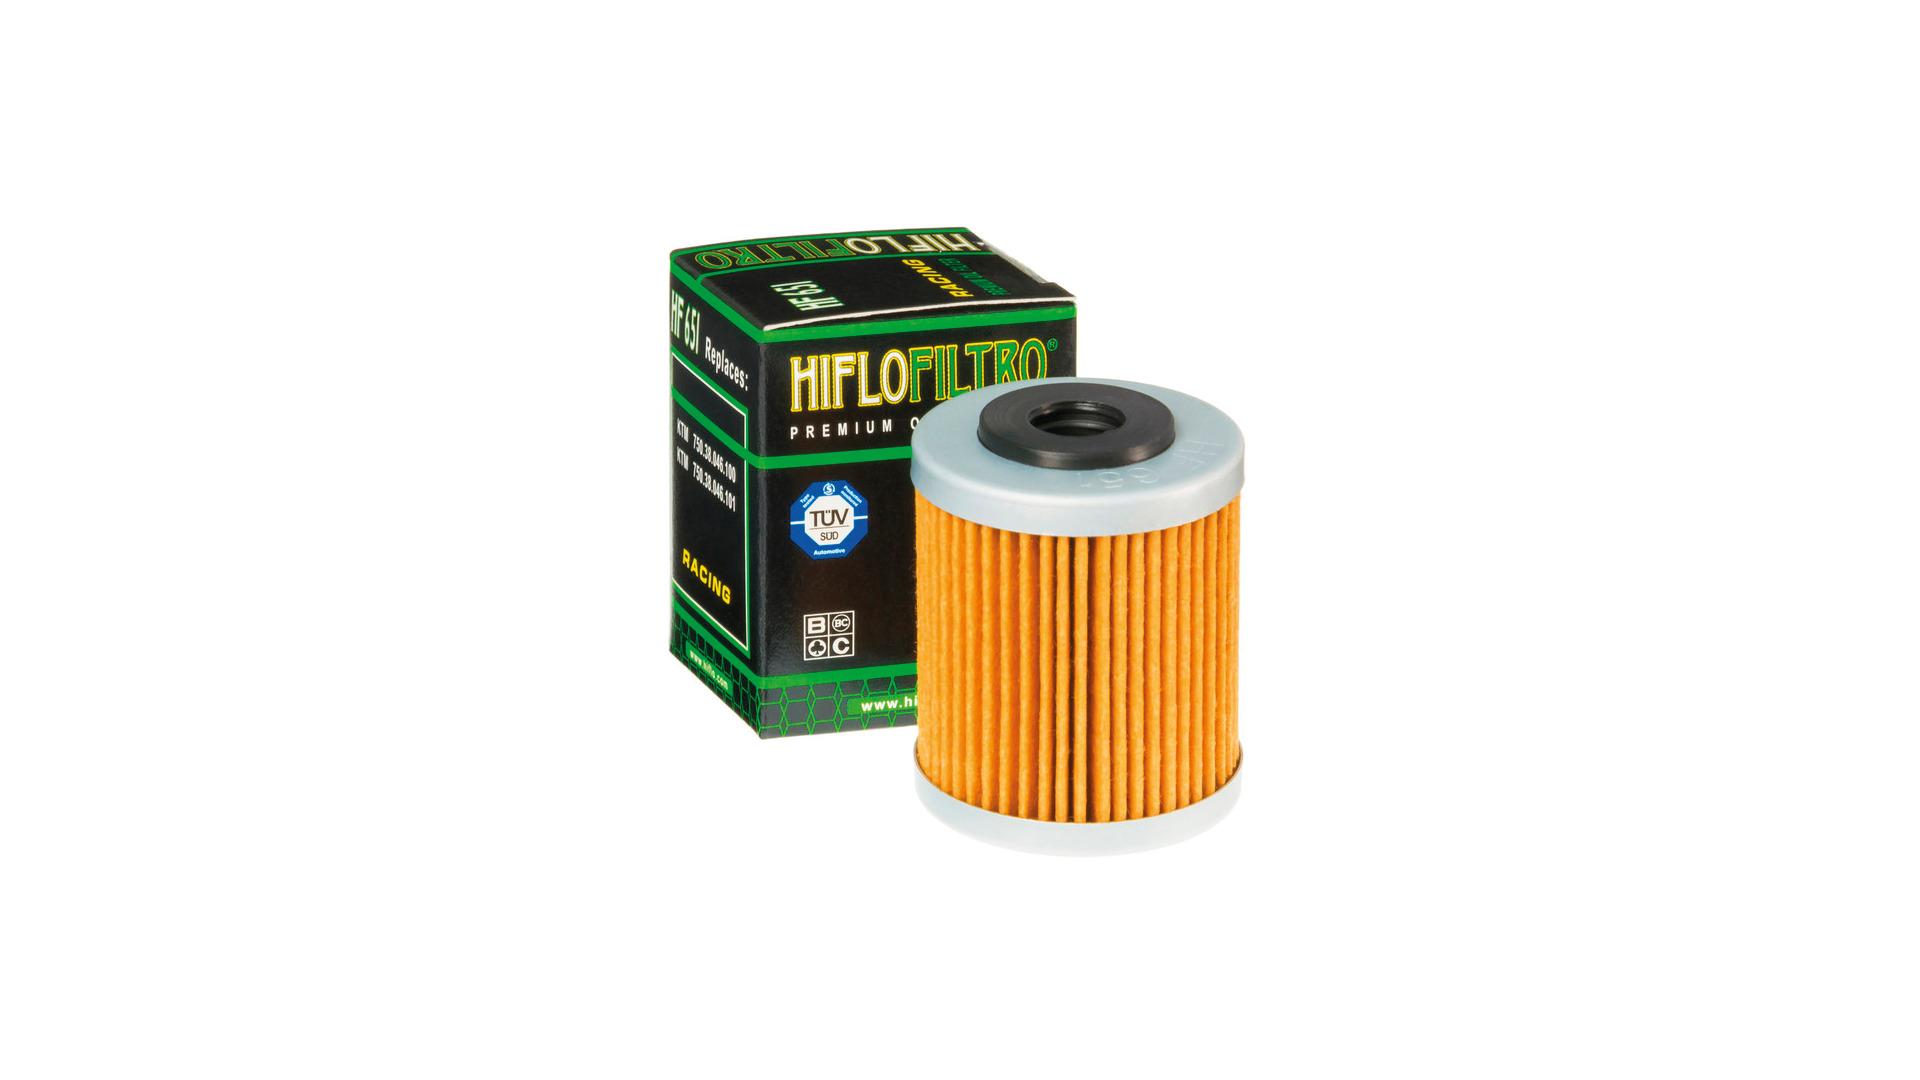 Ölfilter Satz HIFLO HF 155 und HF 651 für KTM 690 Enduro R ab 2012